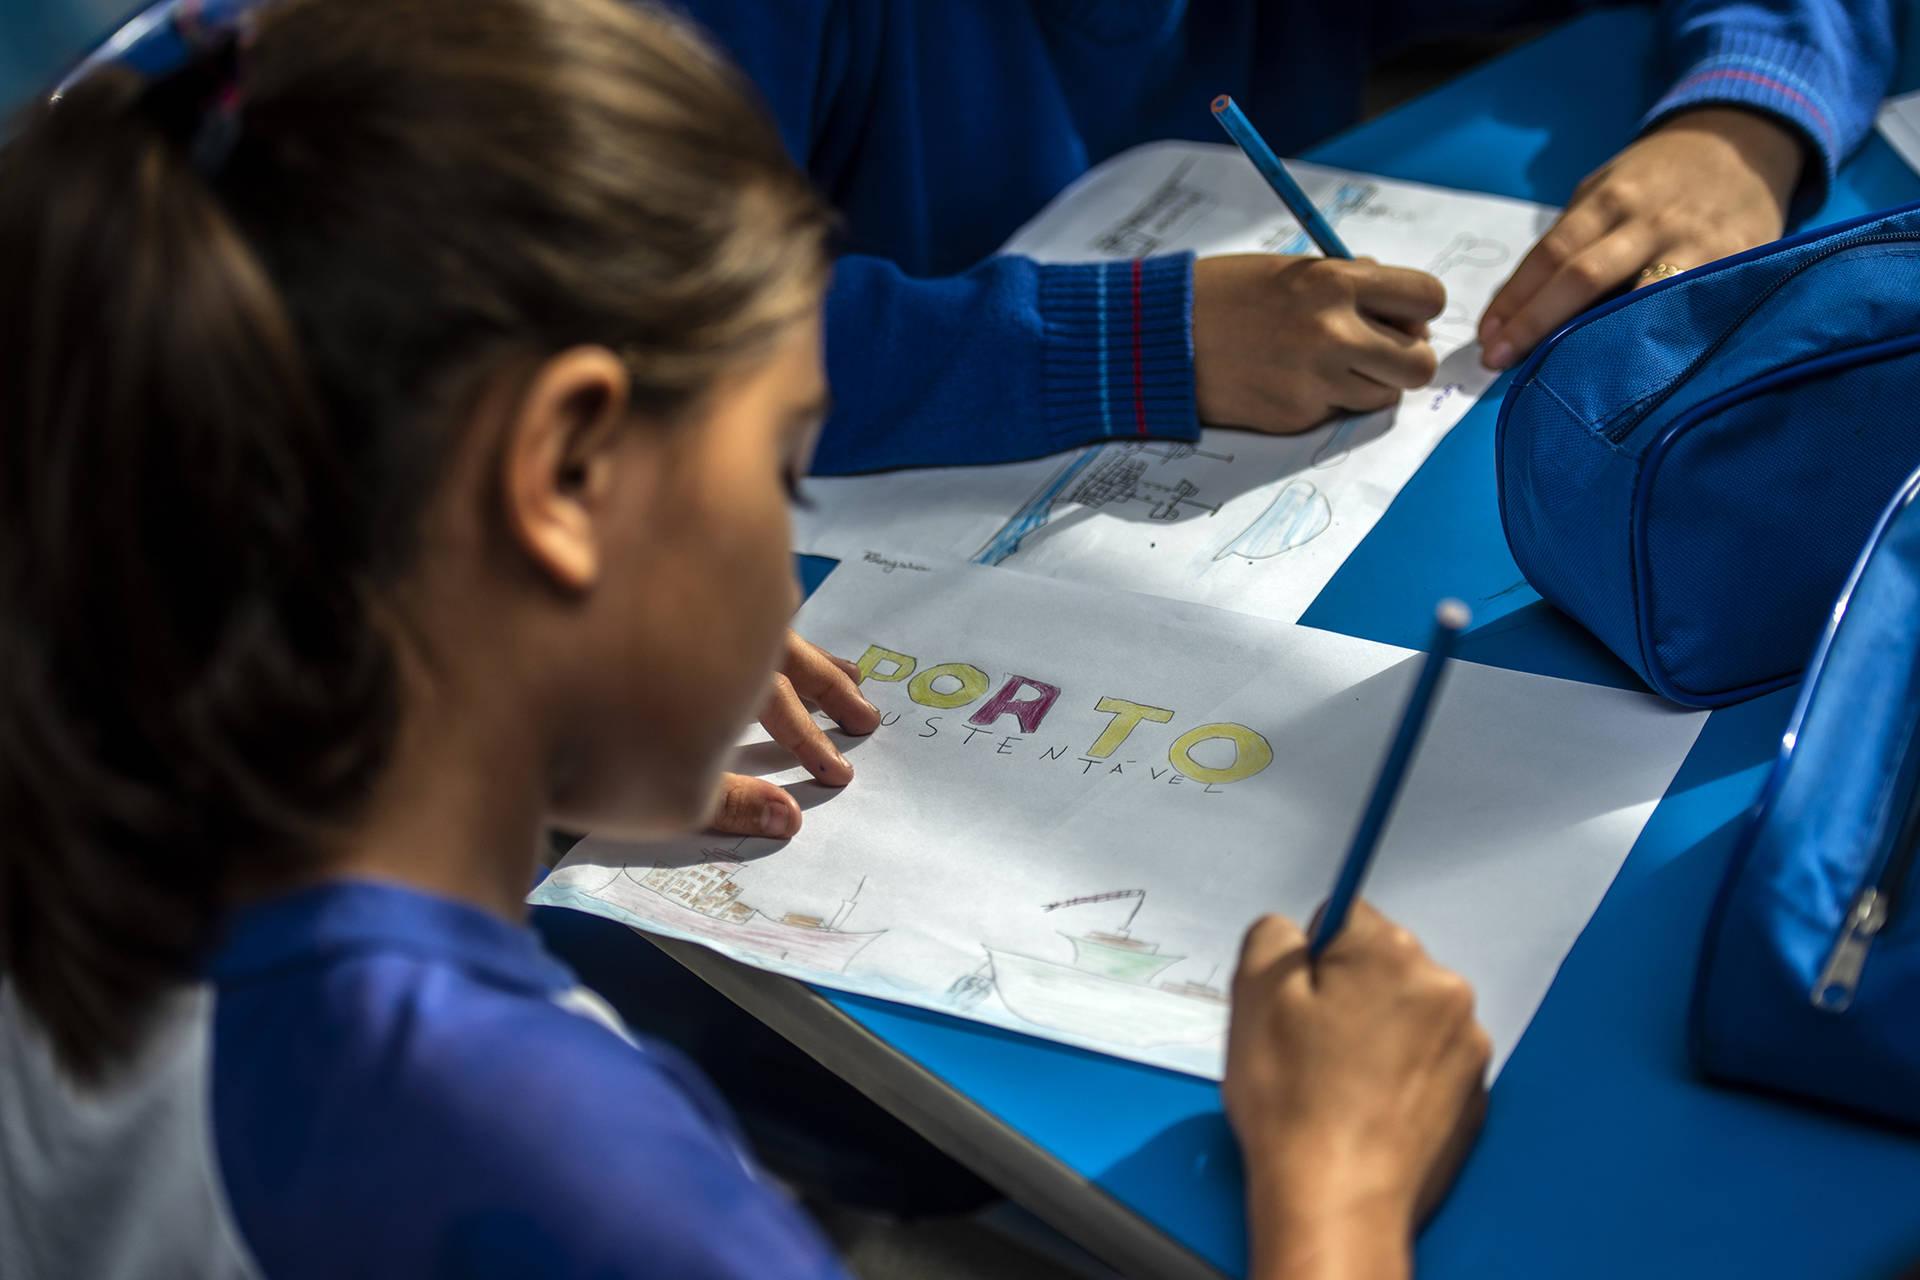 Ação integra as atividades do projeto Porto Escola, que tem como objetivo ensinar, de forma lúdica, a importância da atividade portuária para as economias local e nacional.